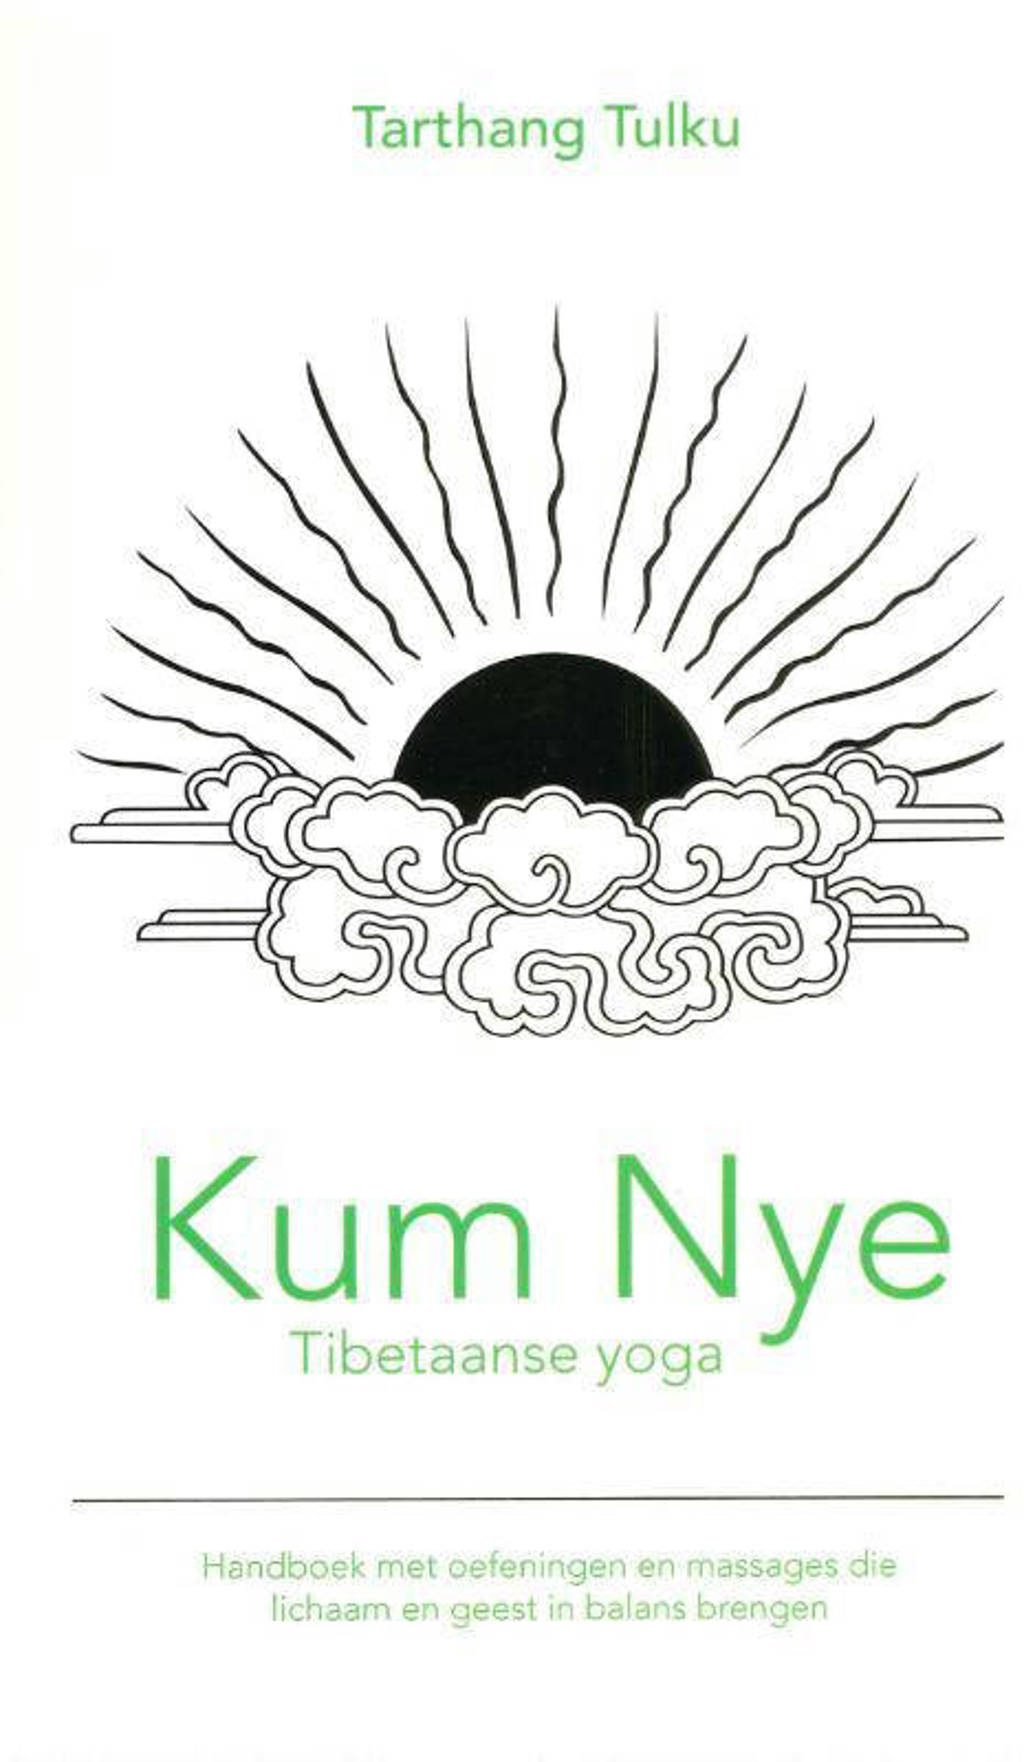 Kum Nye Tibetaanse yoga - Tarthang Tulku